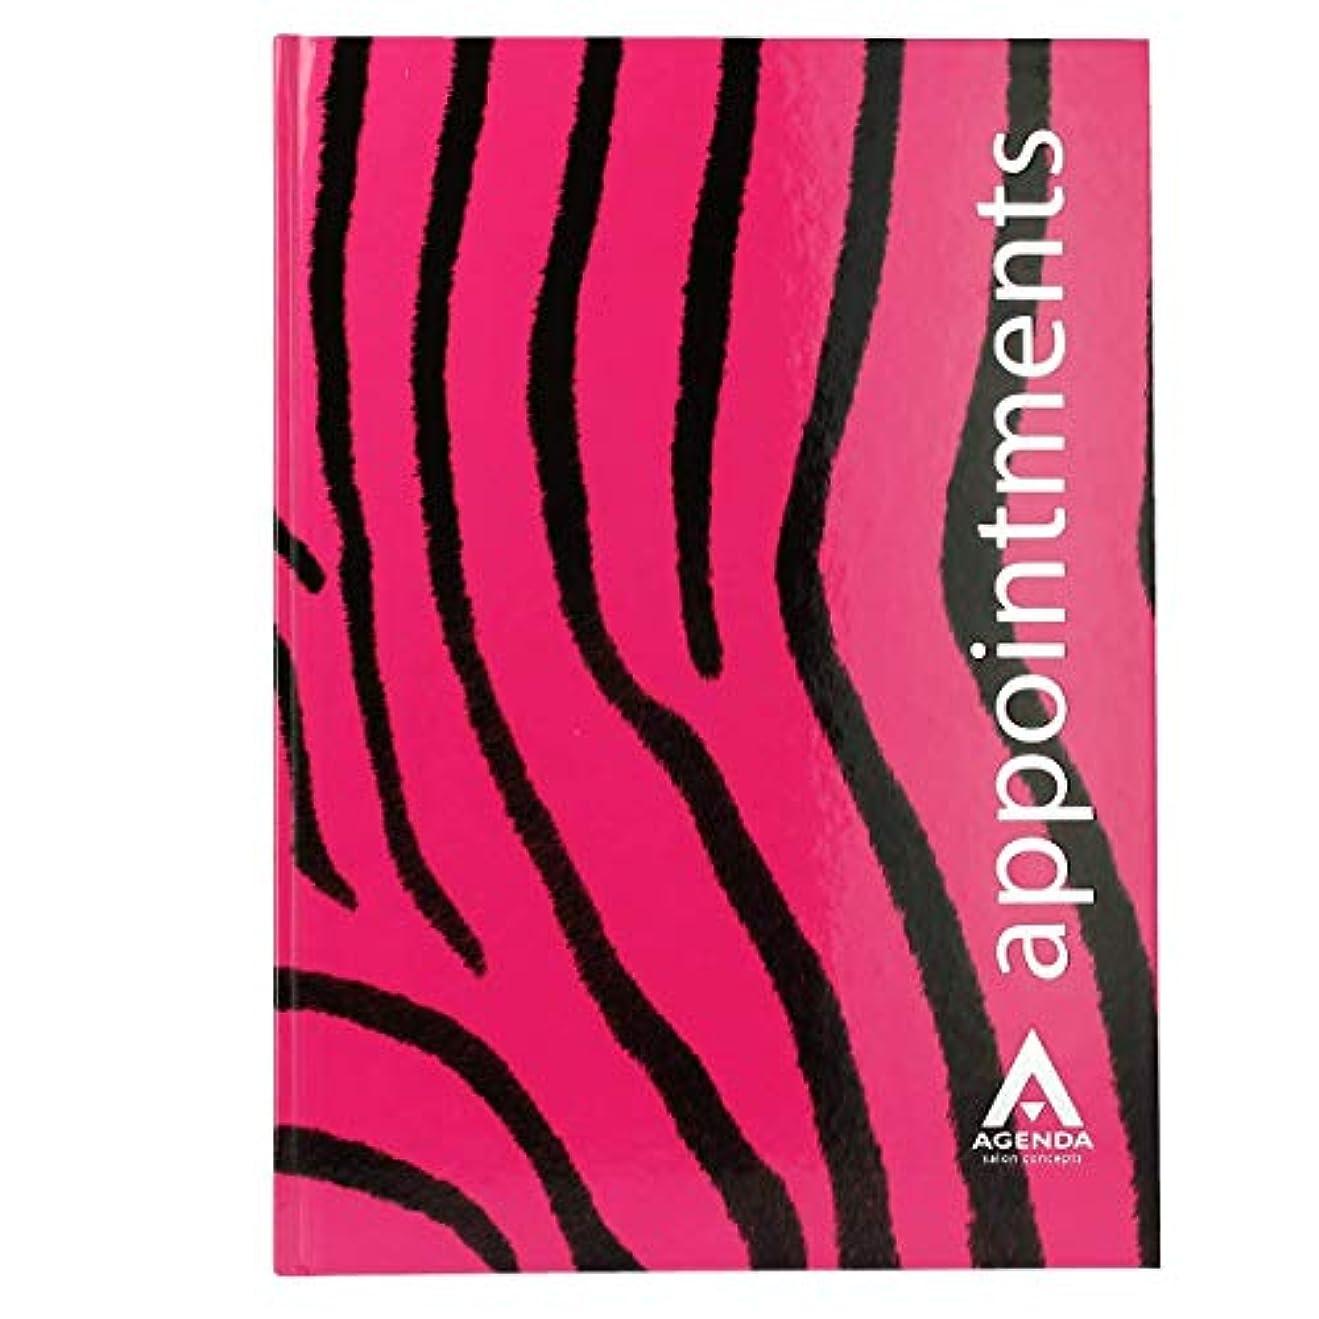 洞察力のあるスポンジ暴徒アジェンダ サロンコンセプト 美容アポイントメントブック6アシスタントピンクゼブラ[海外直送品] [並行輸入品]